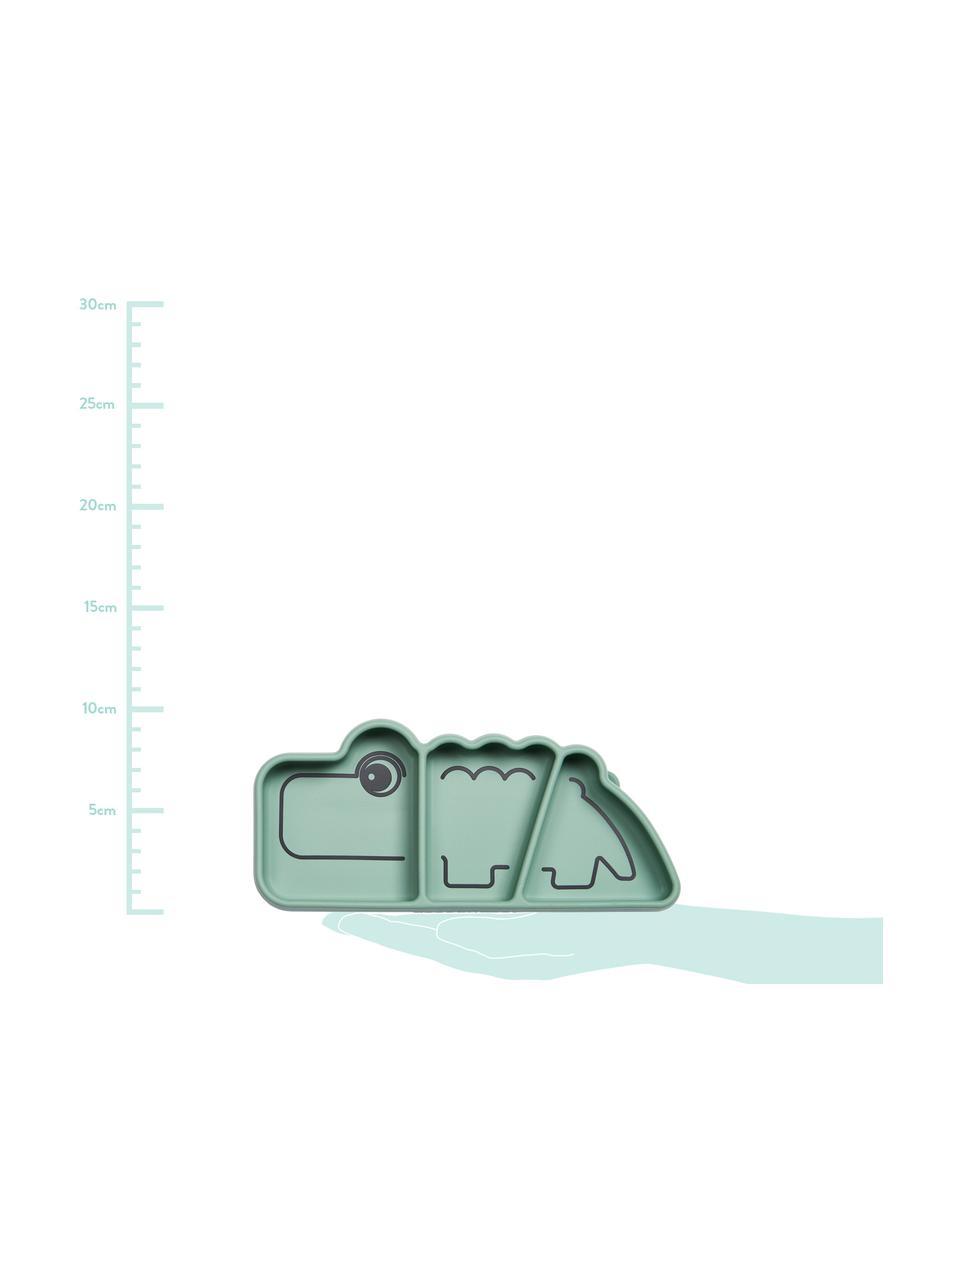 Snack-Teller Stick & Stay Croco, Silikon, lebensmittelecht Silikon ist weich und haltbar, hitzebeständig und für die Verwendung in Mikrowellen, Backöfen und Gefrierschränken geeignet., Grün, 21 x 3 cm